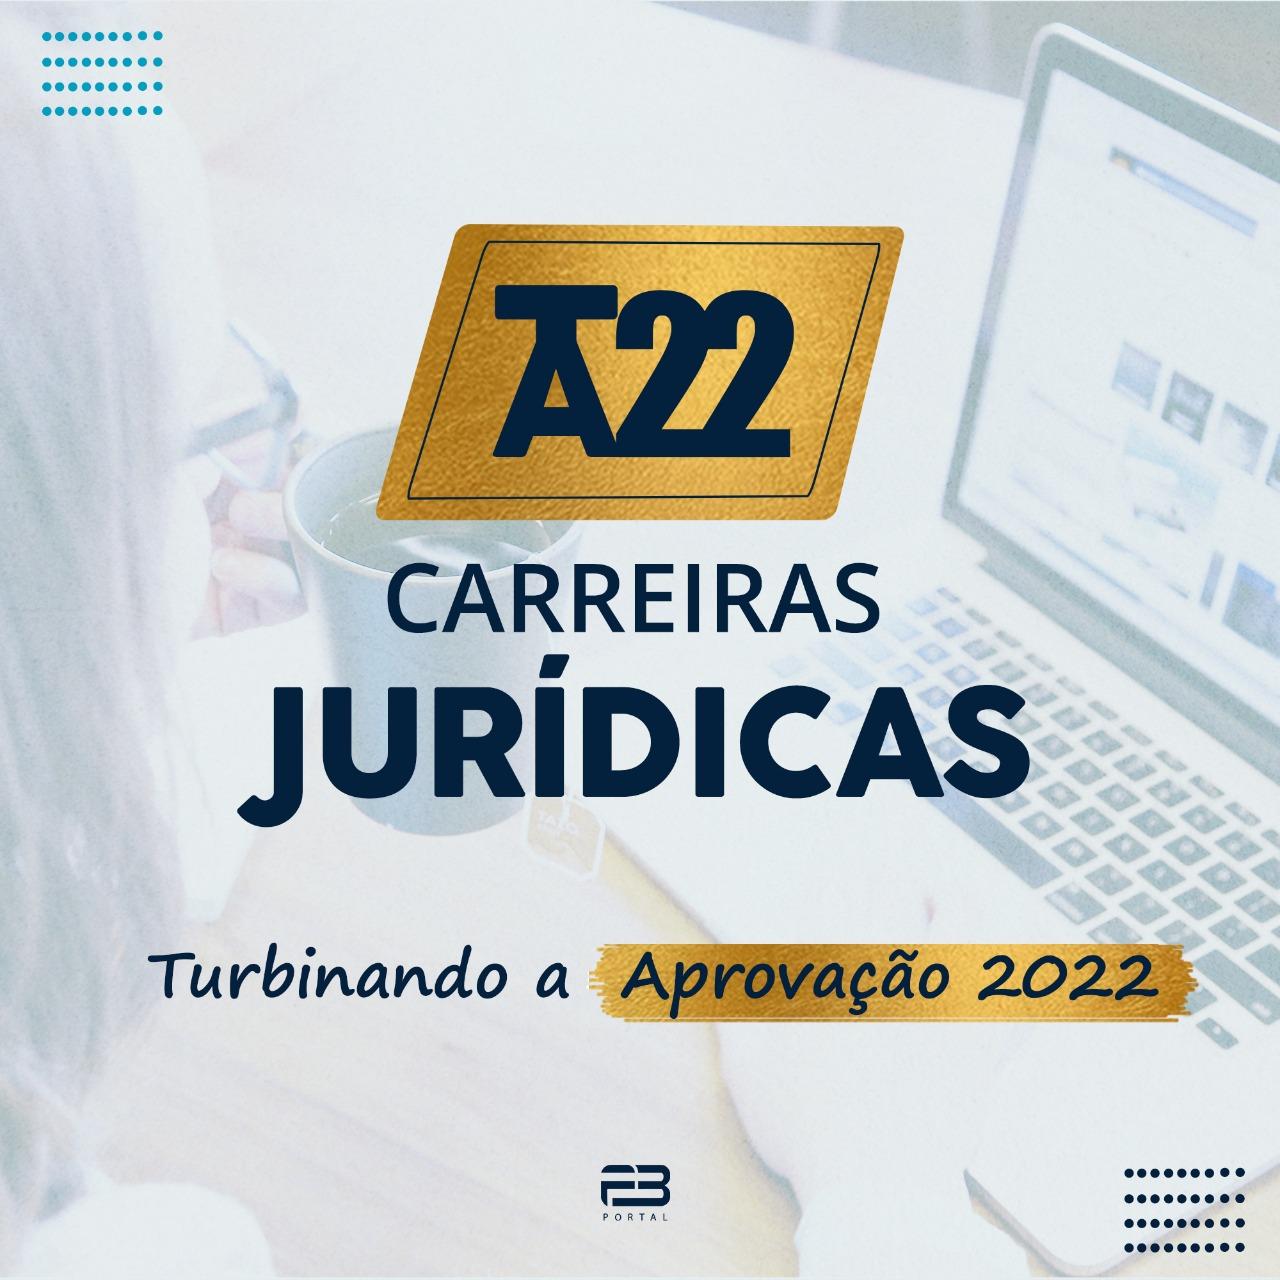 CARREIRAS JURÍDICAS - TURBINANDO A APROVAÇÃO 2022